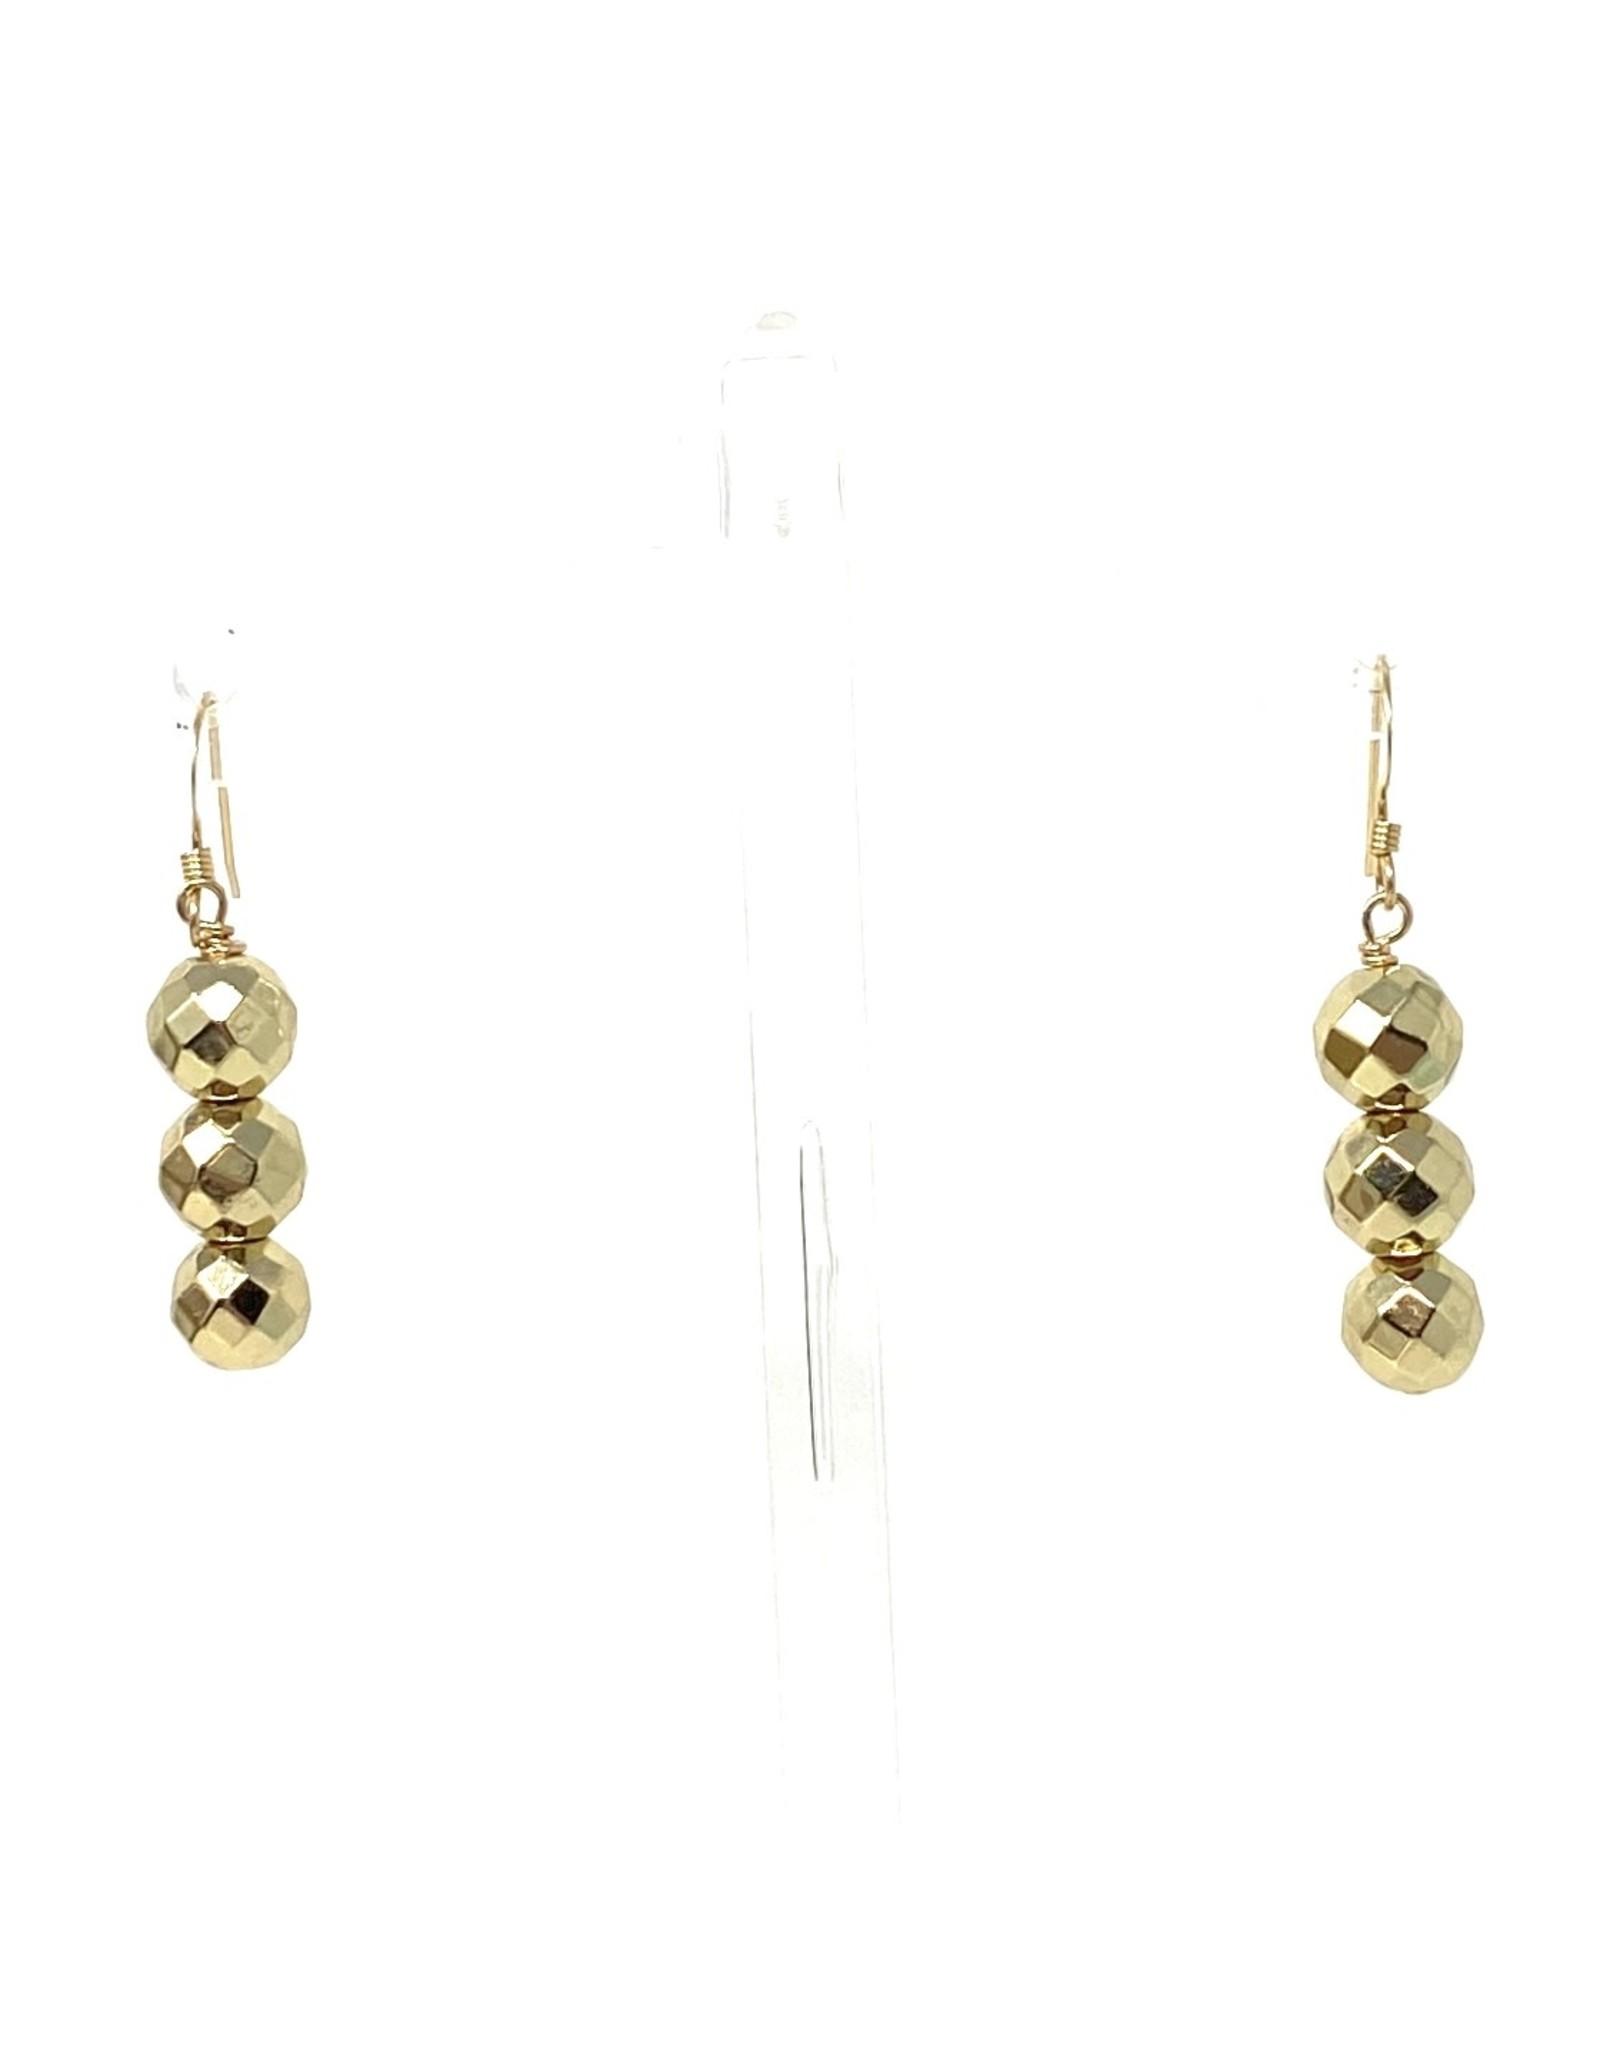 Triple Gold Hematite Earrings